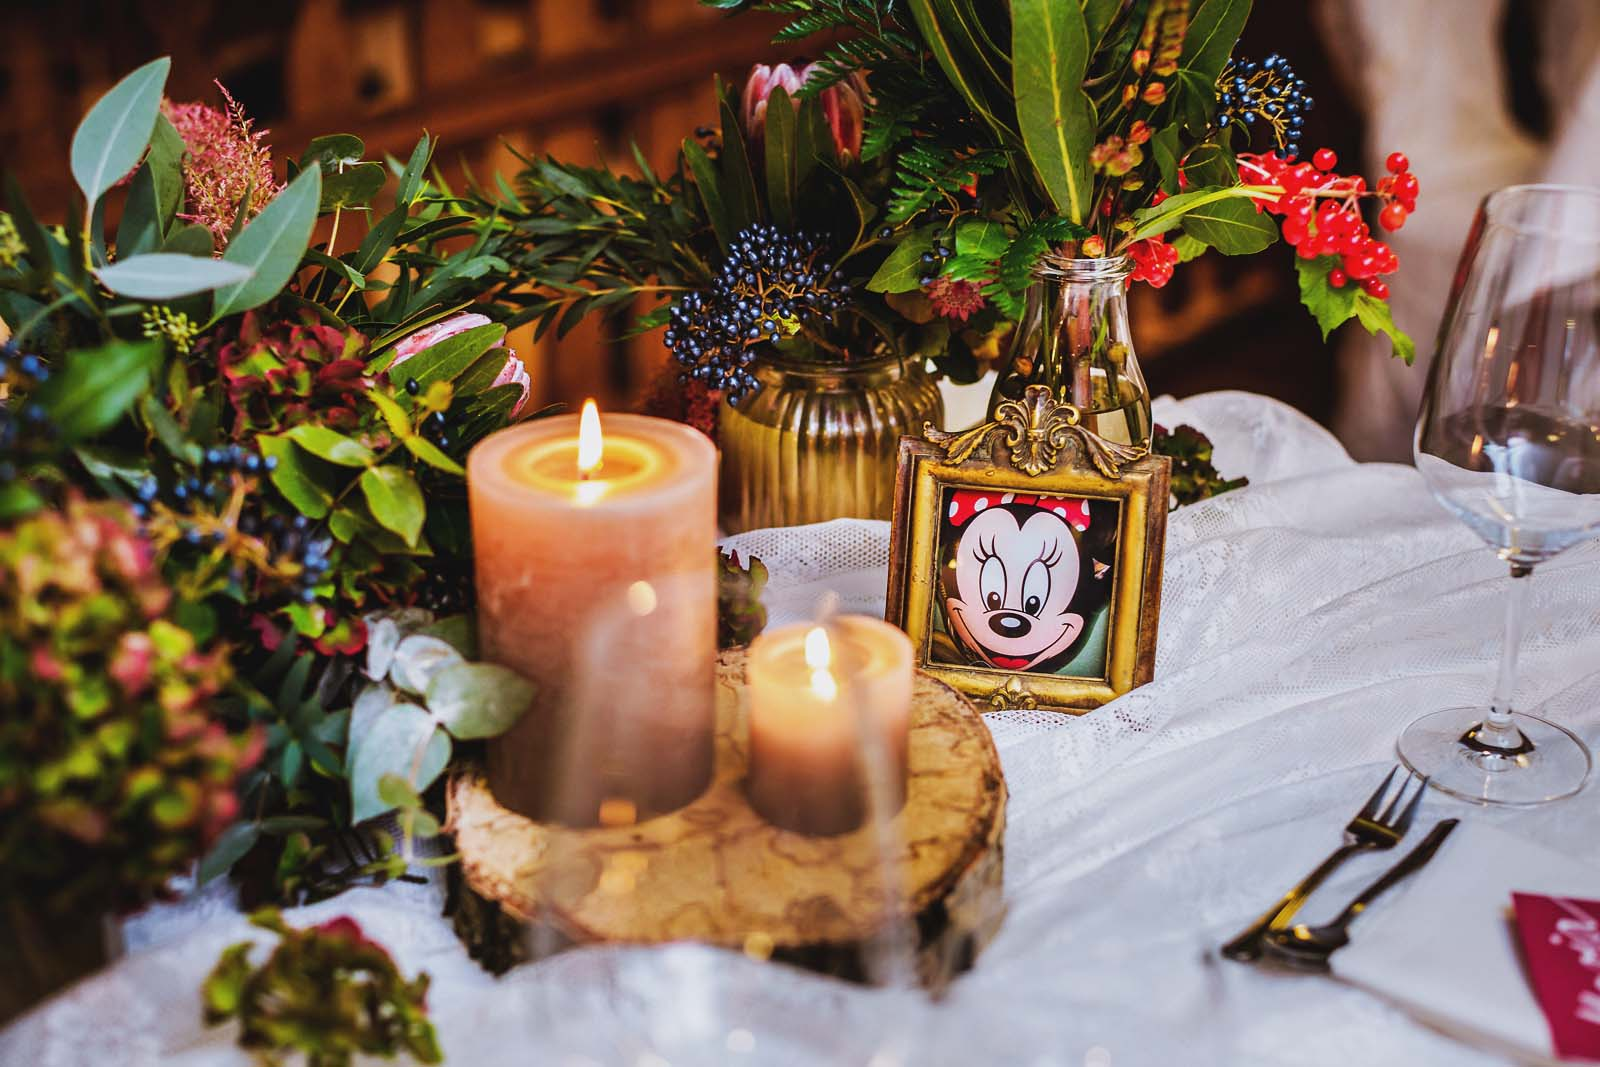 Minnie Maus als Dekoration auf einem gedeckten Tisch Detail der Hochzeit Copyright by Hochzeitsfotograf www.berliner-hochzeitsfotografie.de